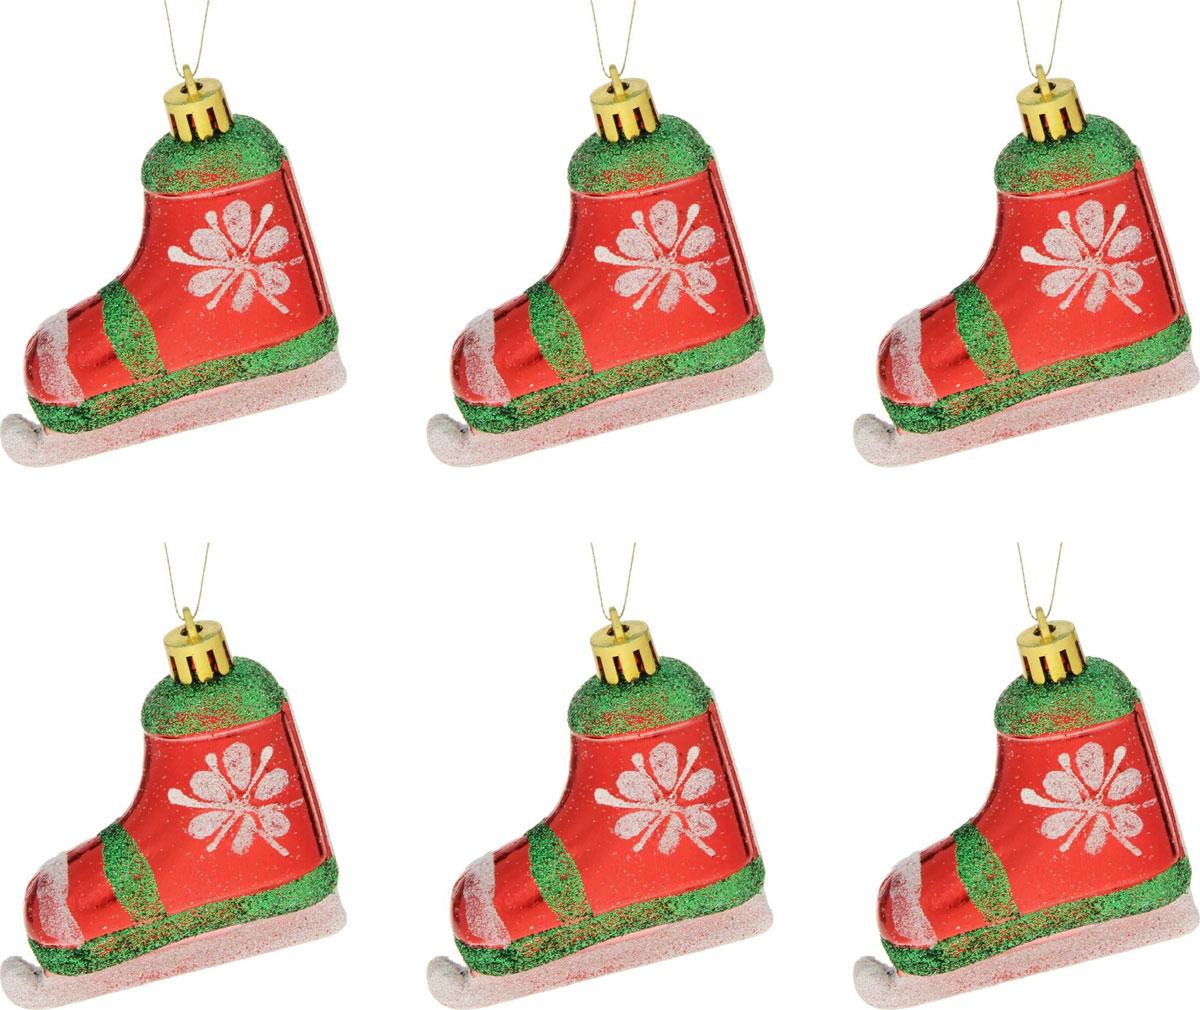 Новогоднее подвесное украшение Sima-land Коньки со цветком, 6,5 х 5,5 см, 6 шт1400105Новогоднее украшение Sima-land отлично подойдет для декорации вашего дома и новогодней ели. Елочная игрушка - символ Нового года. Она несет в себе волшебство и красоту праздника. Такое украшение создаст в вашем доме атмосферу праздника, веселья и радости.